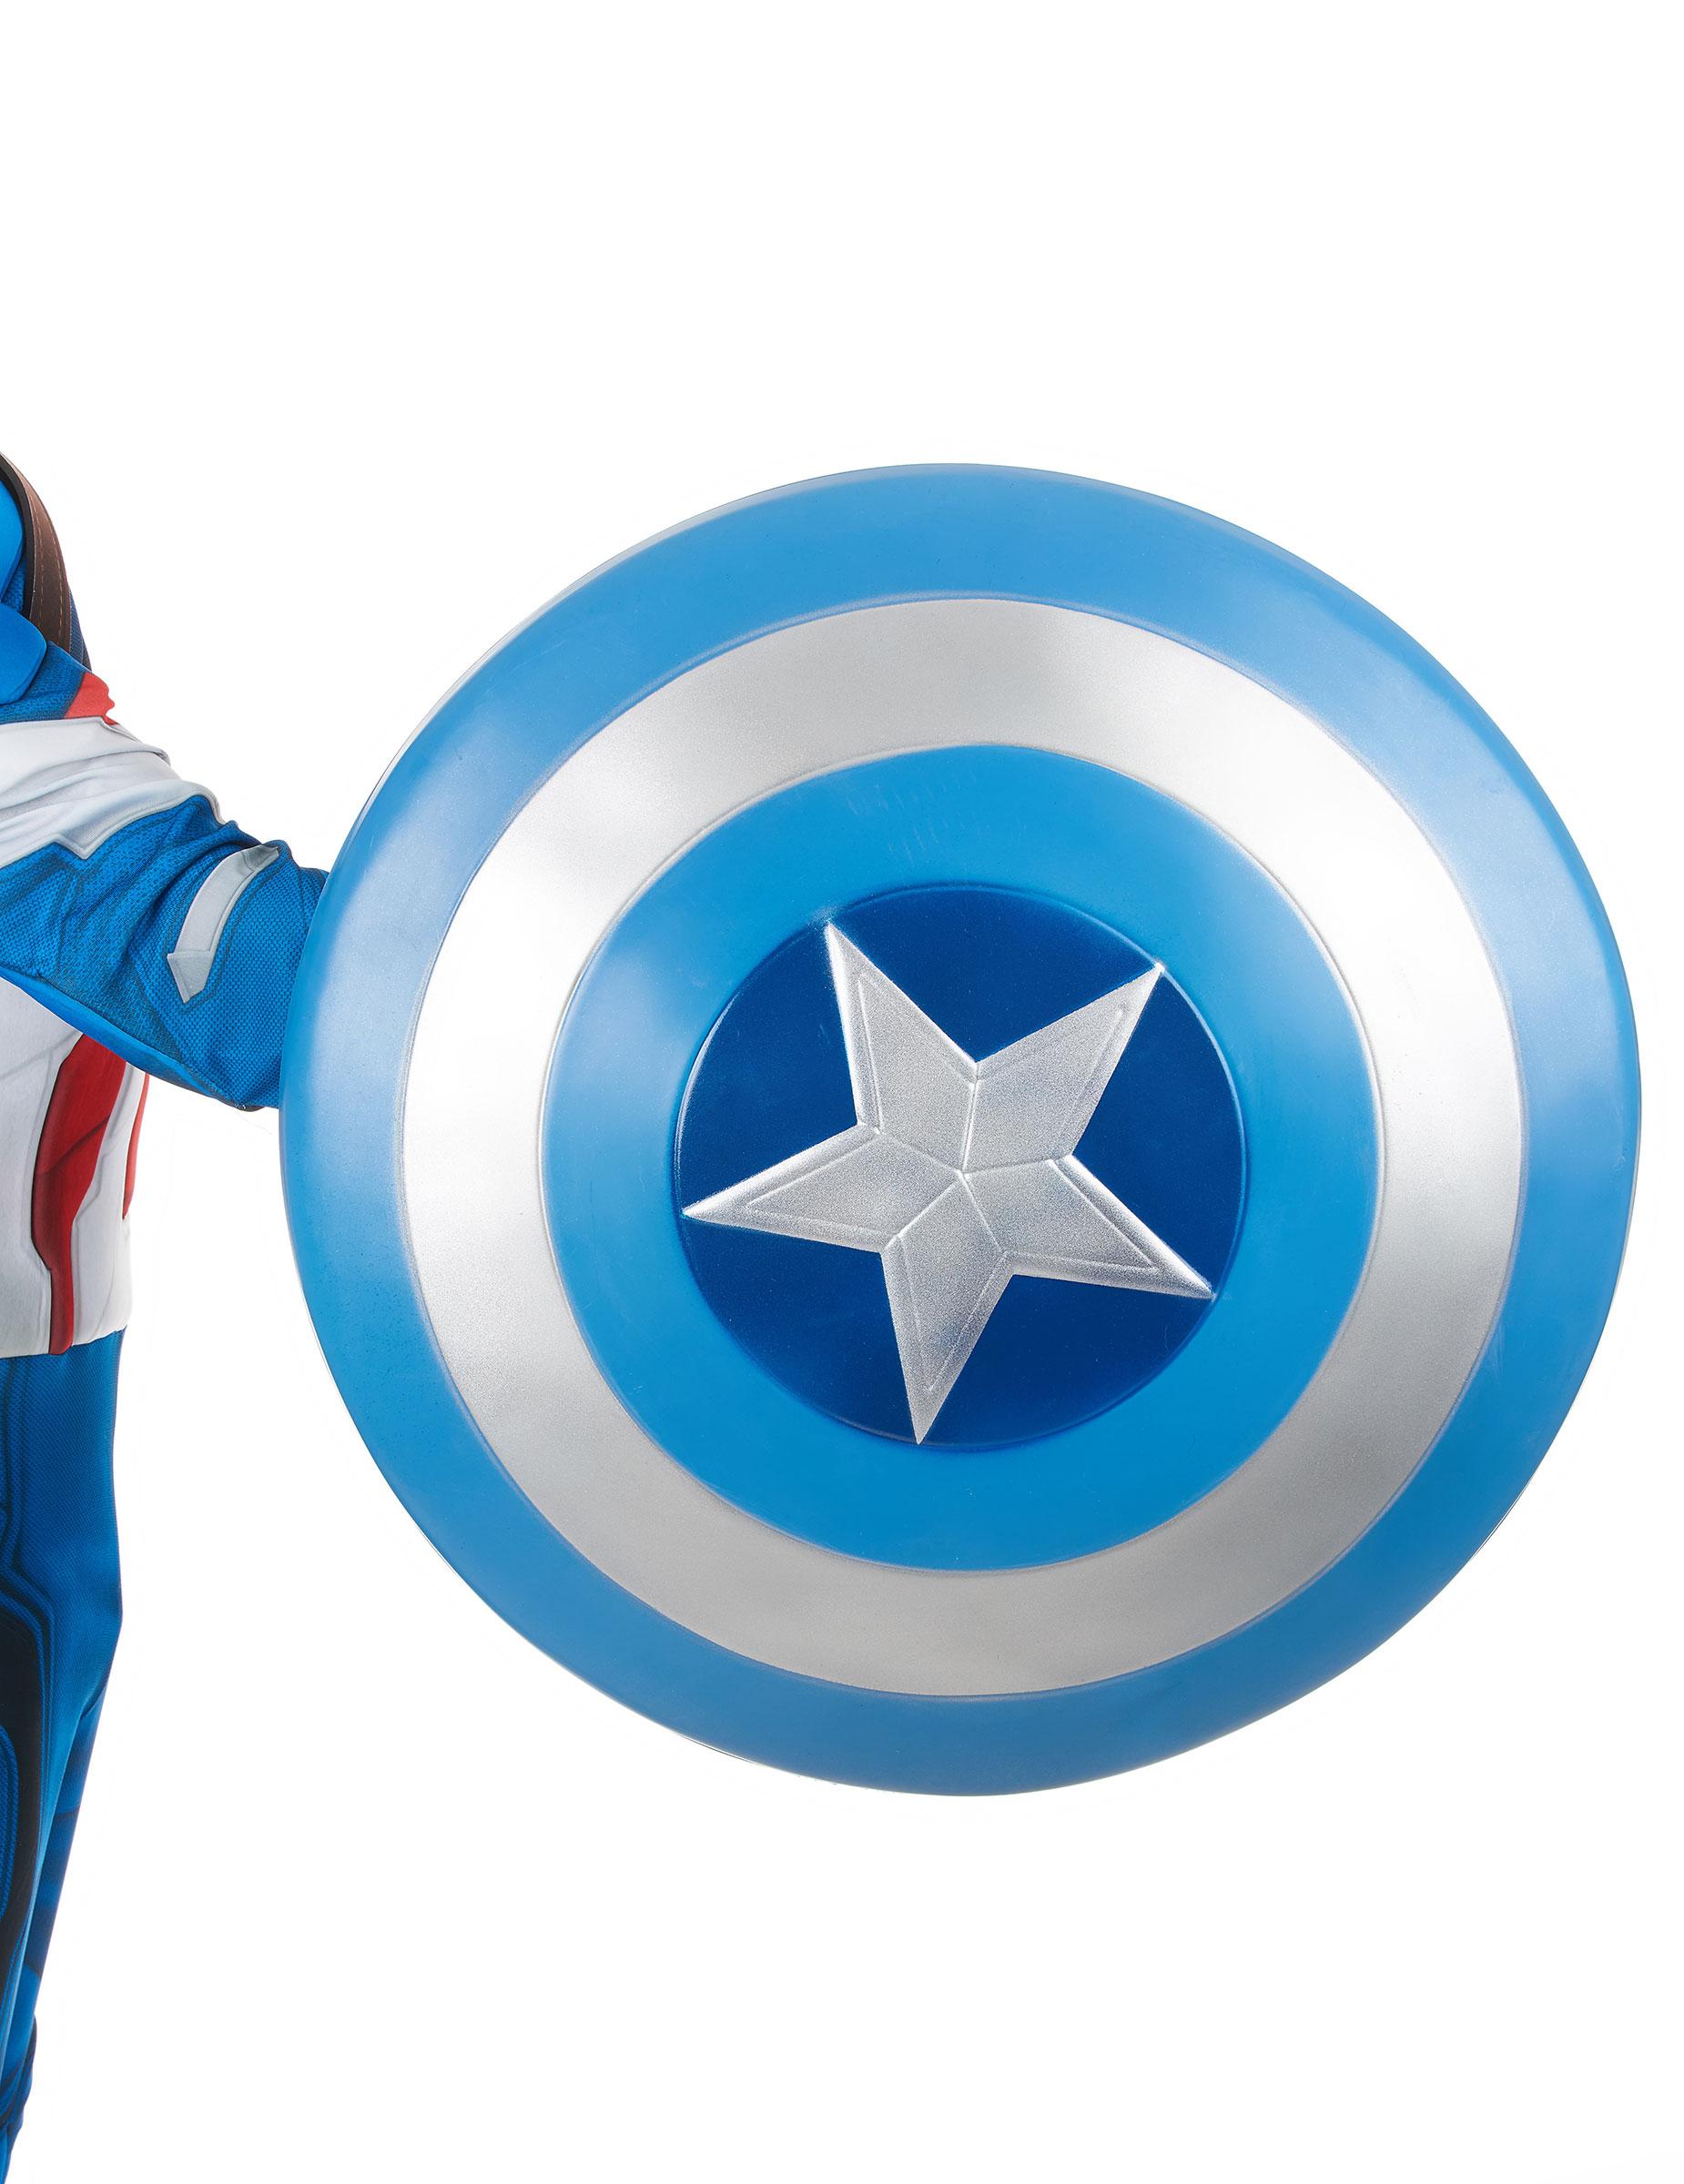 bouclier bleu captain america 61 cm deguise toi achat de accessoires. Black Bedroom Furniture Sets. Home Design Ideas